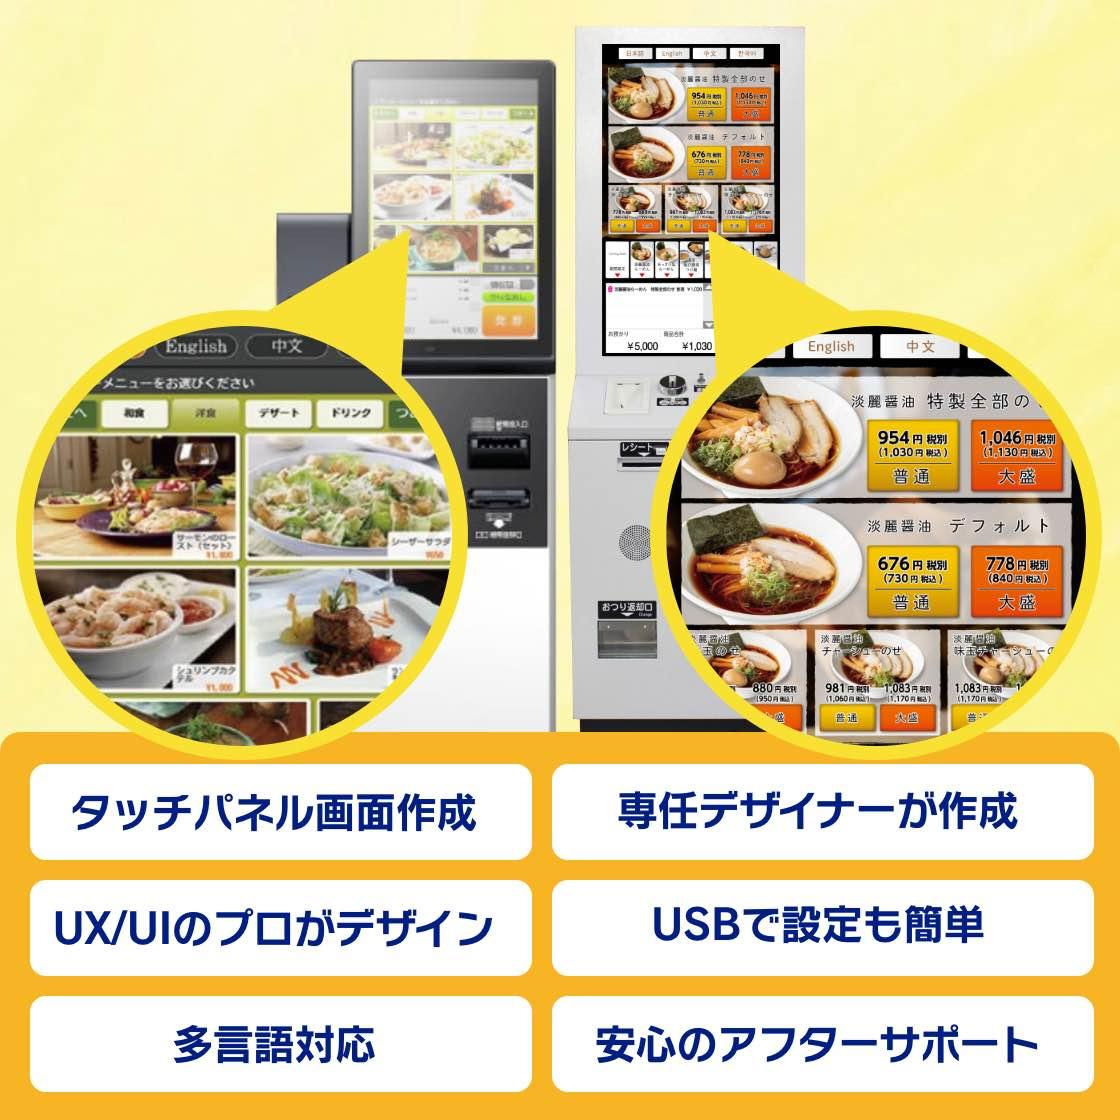 完全キャッシュレスも可能/クレカ・QR決済・電子マネー対応/多言語対応